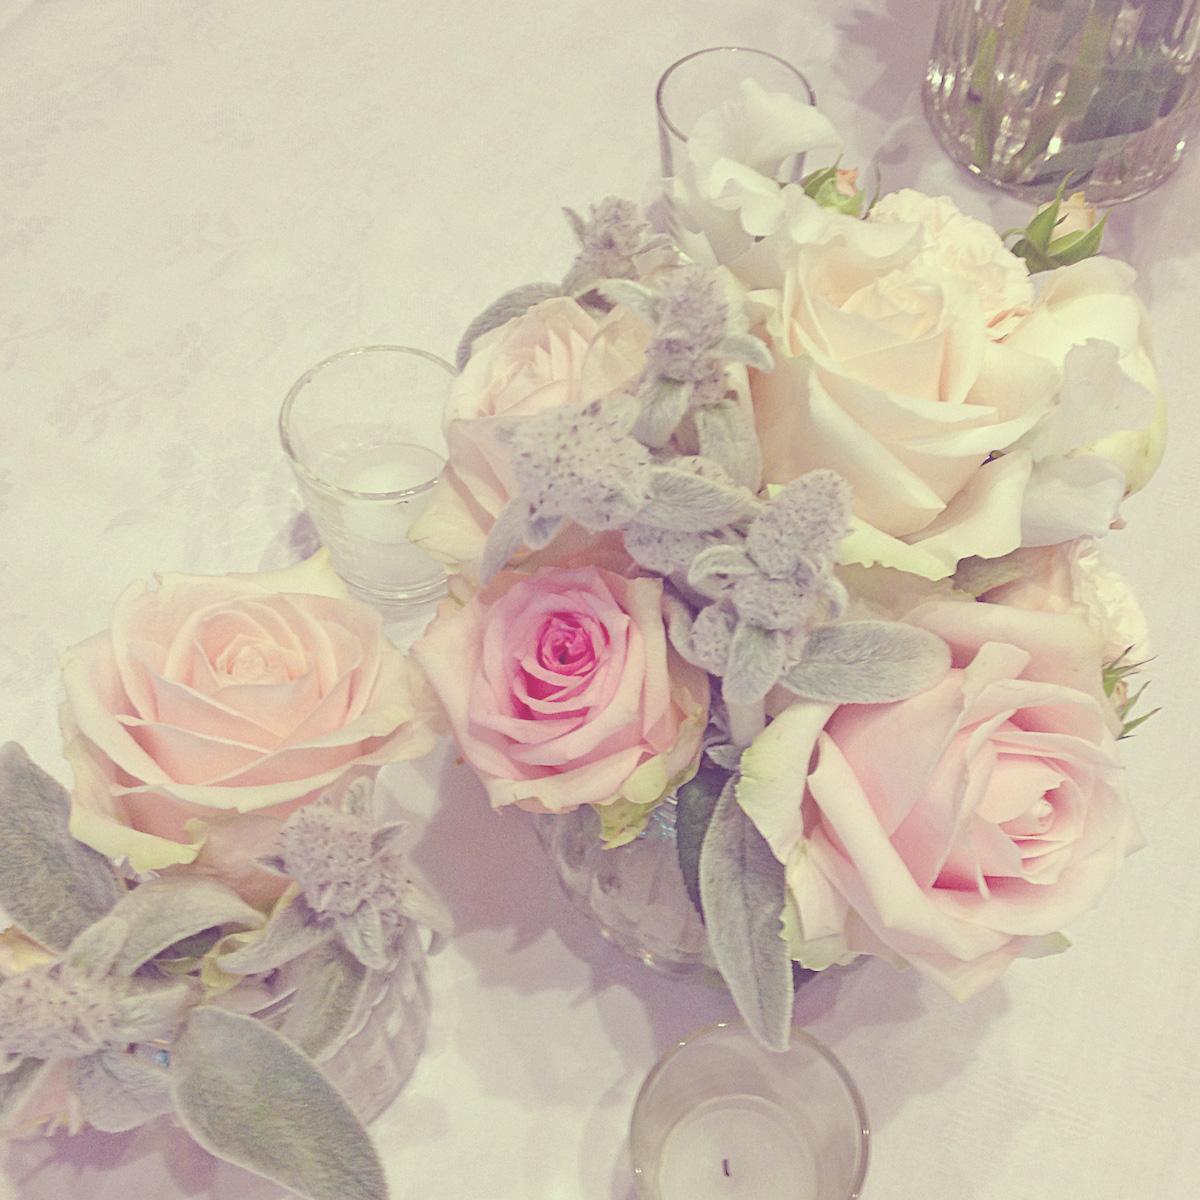 09-wedding-lake-garda-centerpieces-grey-mint-blush-pink